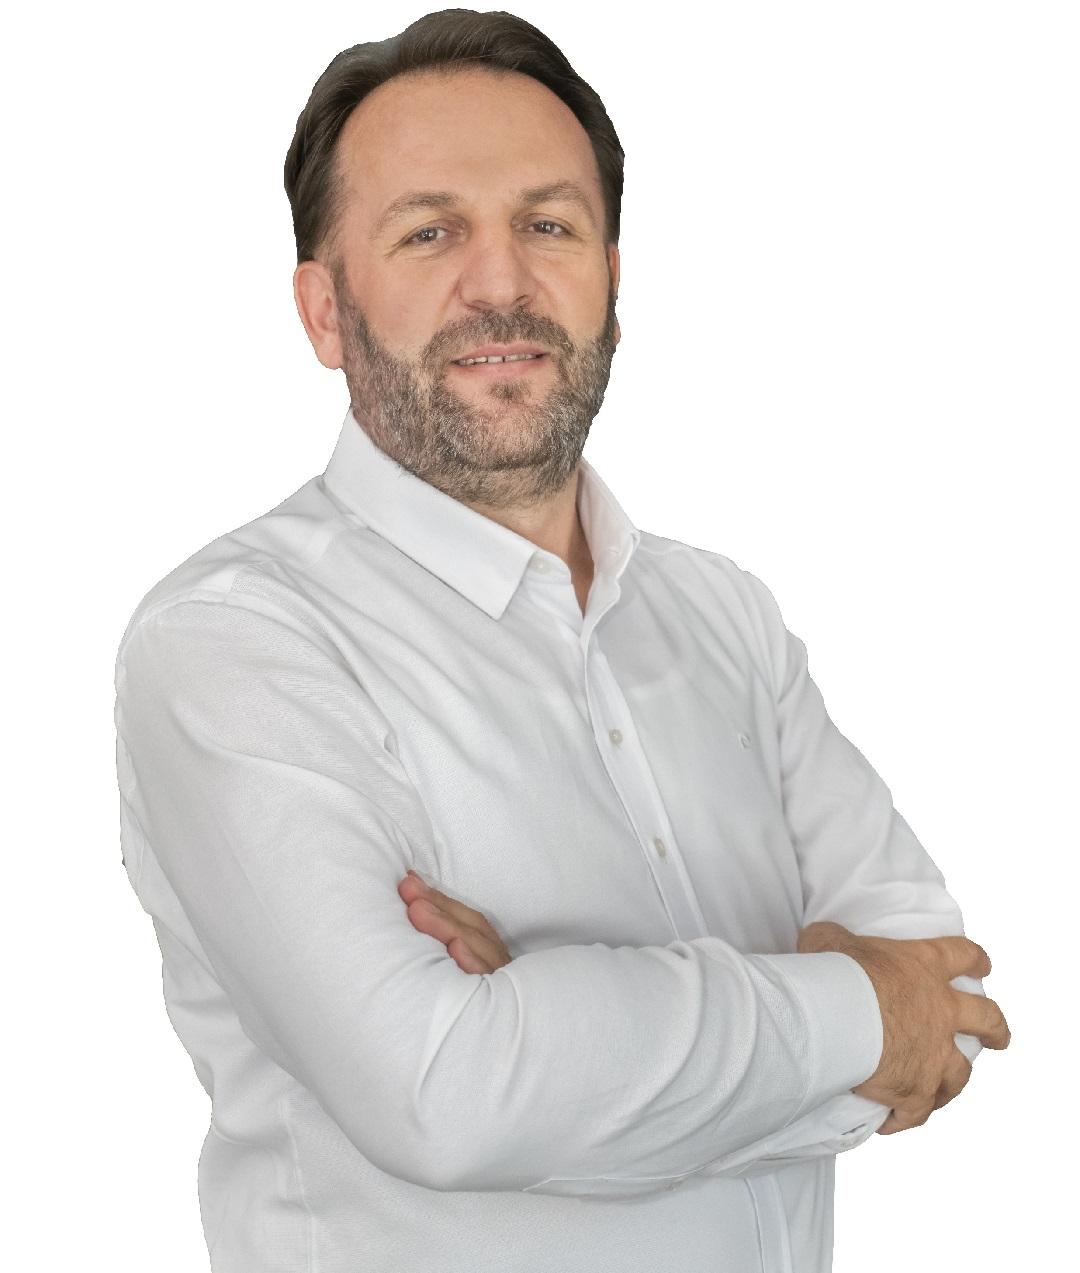 Redzep Selimovic